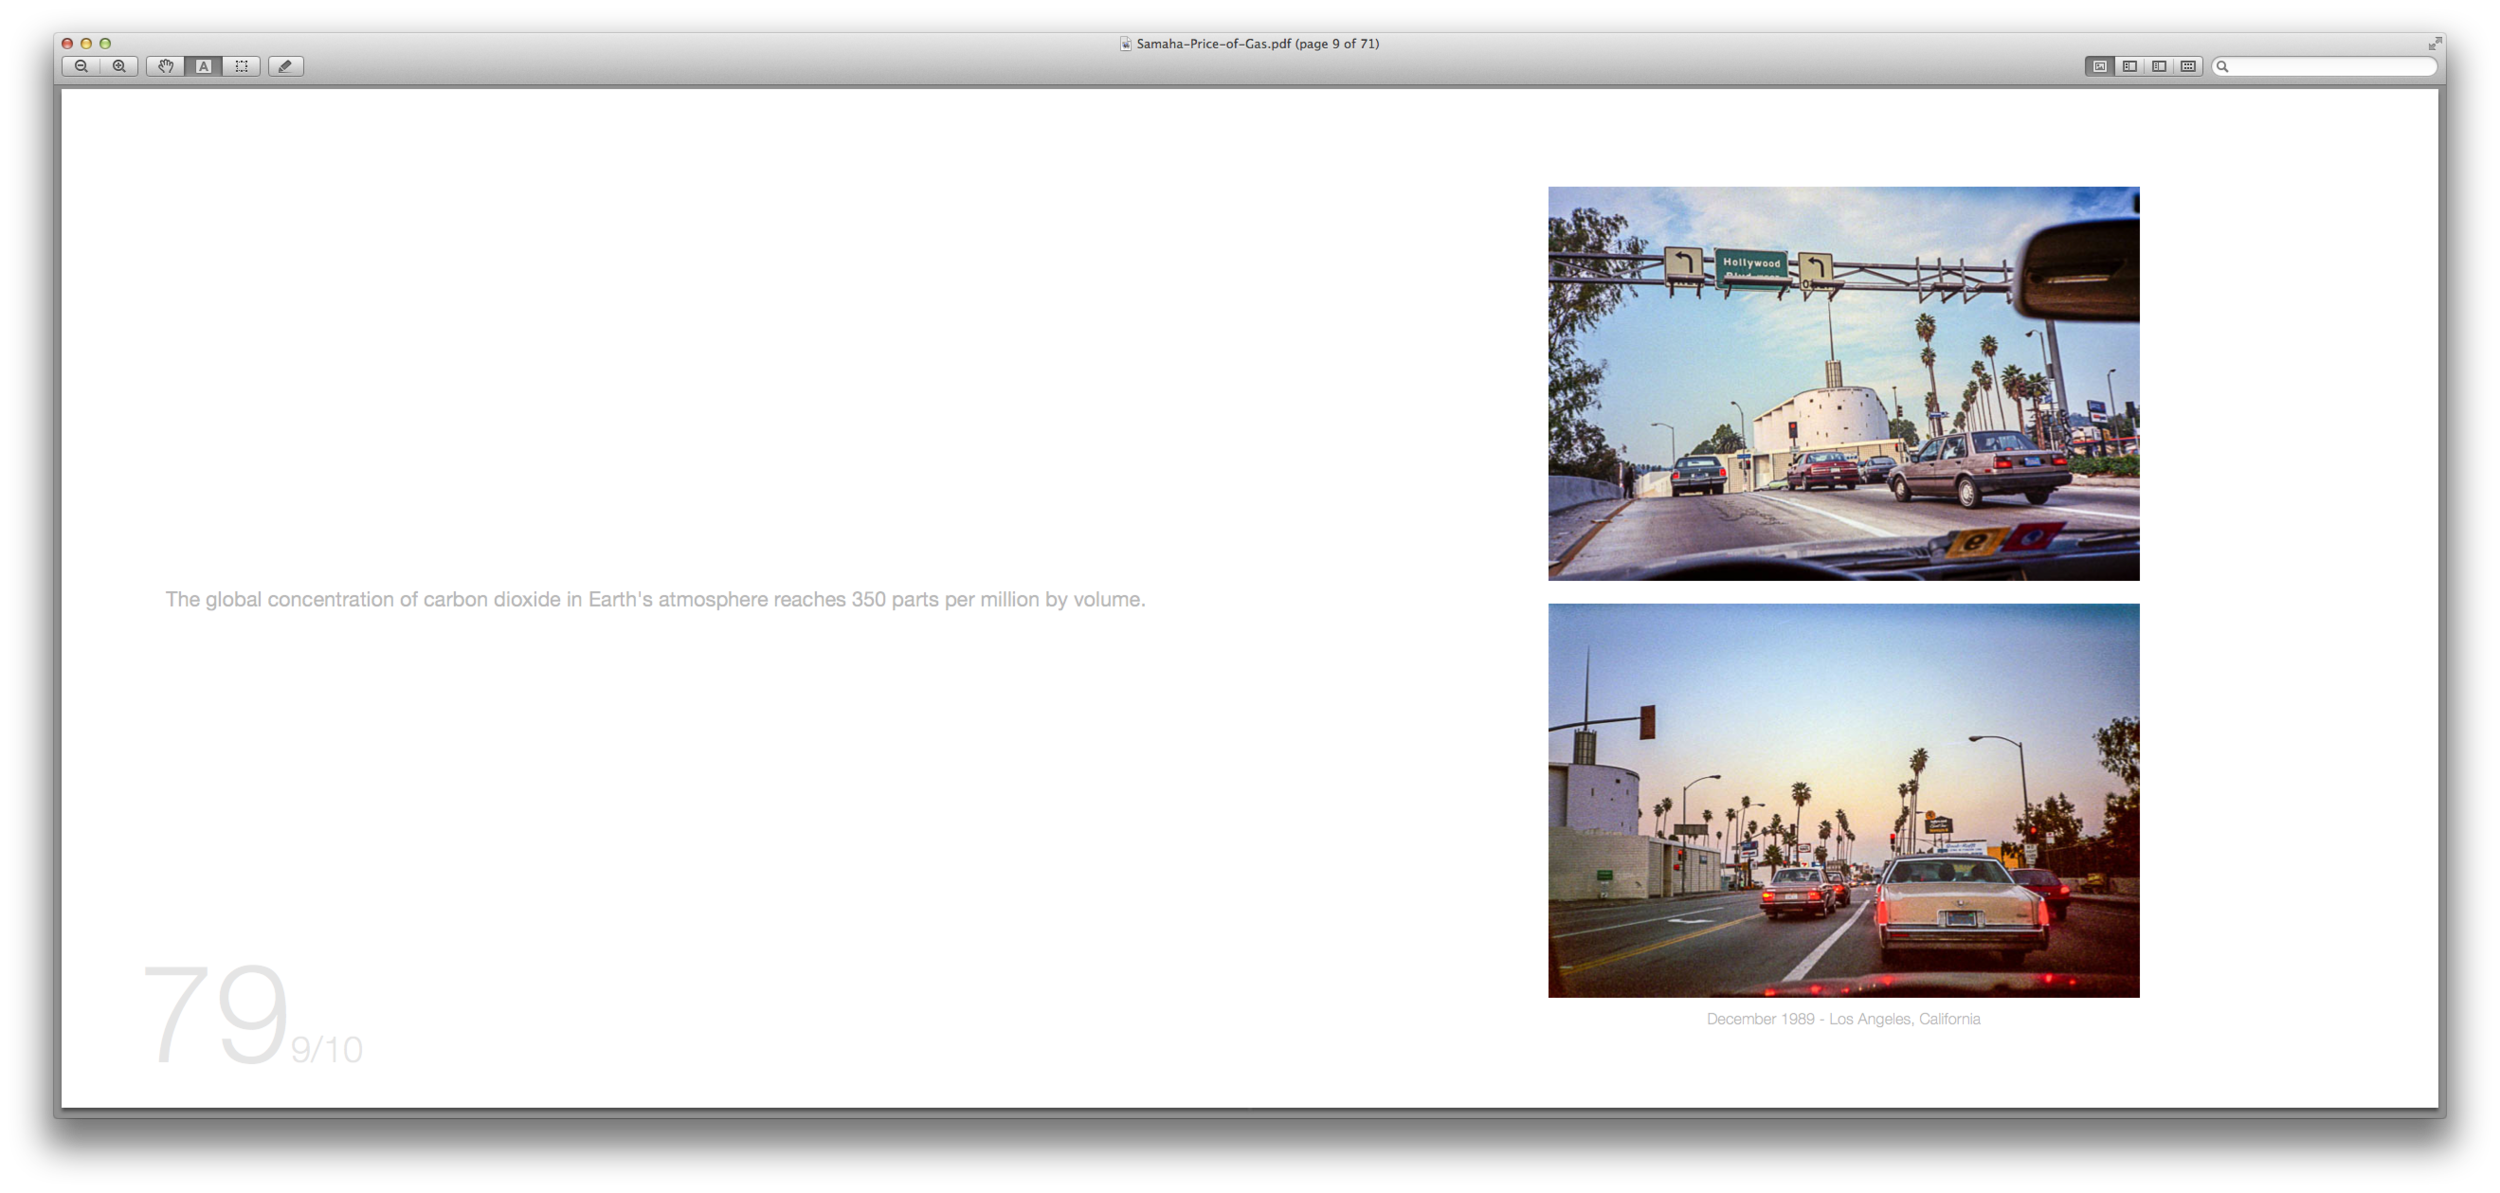 Screen Shot 2013-11-20 at 11.12.34 PM.png